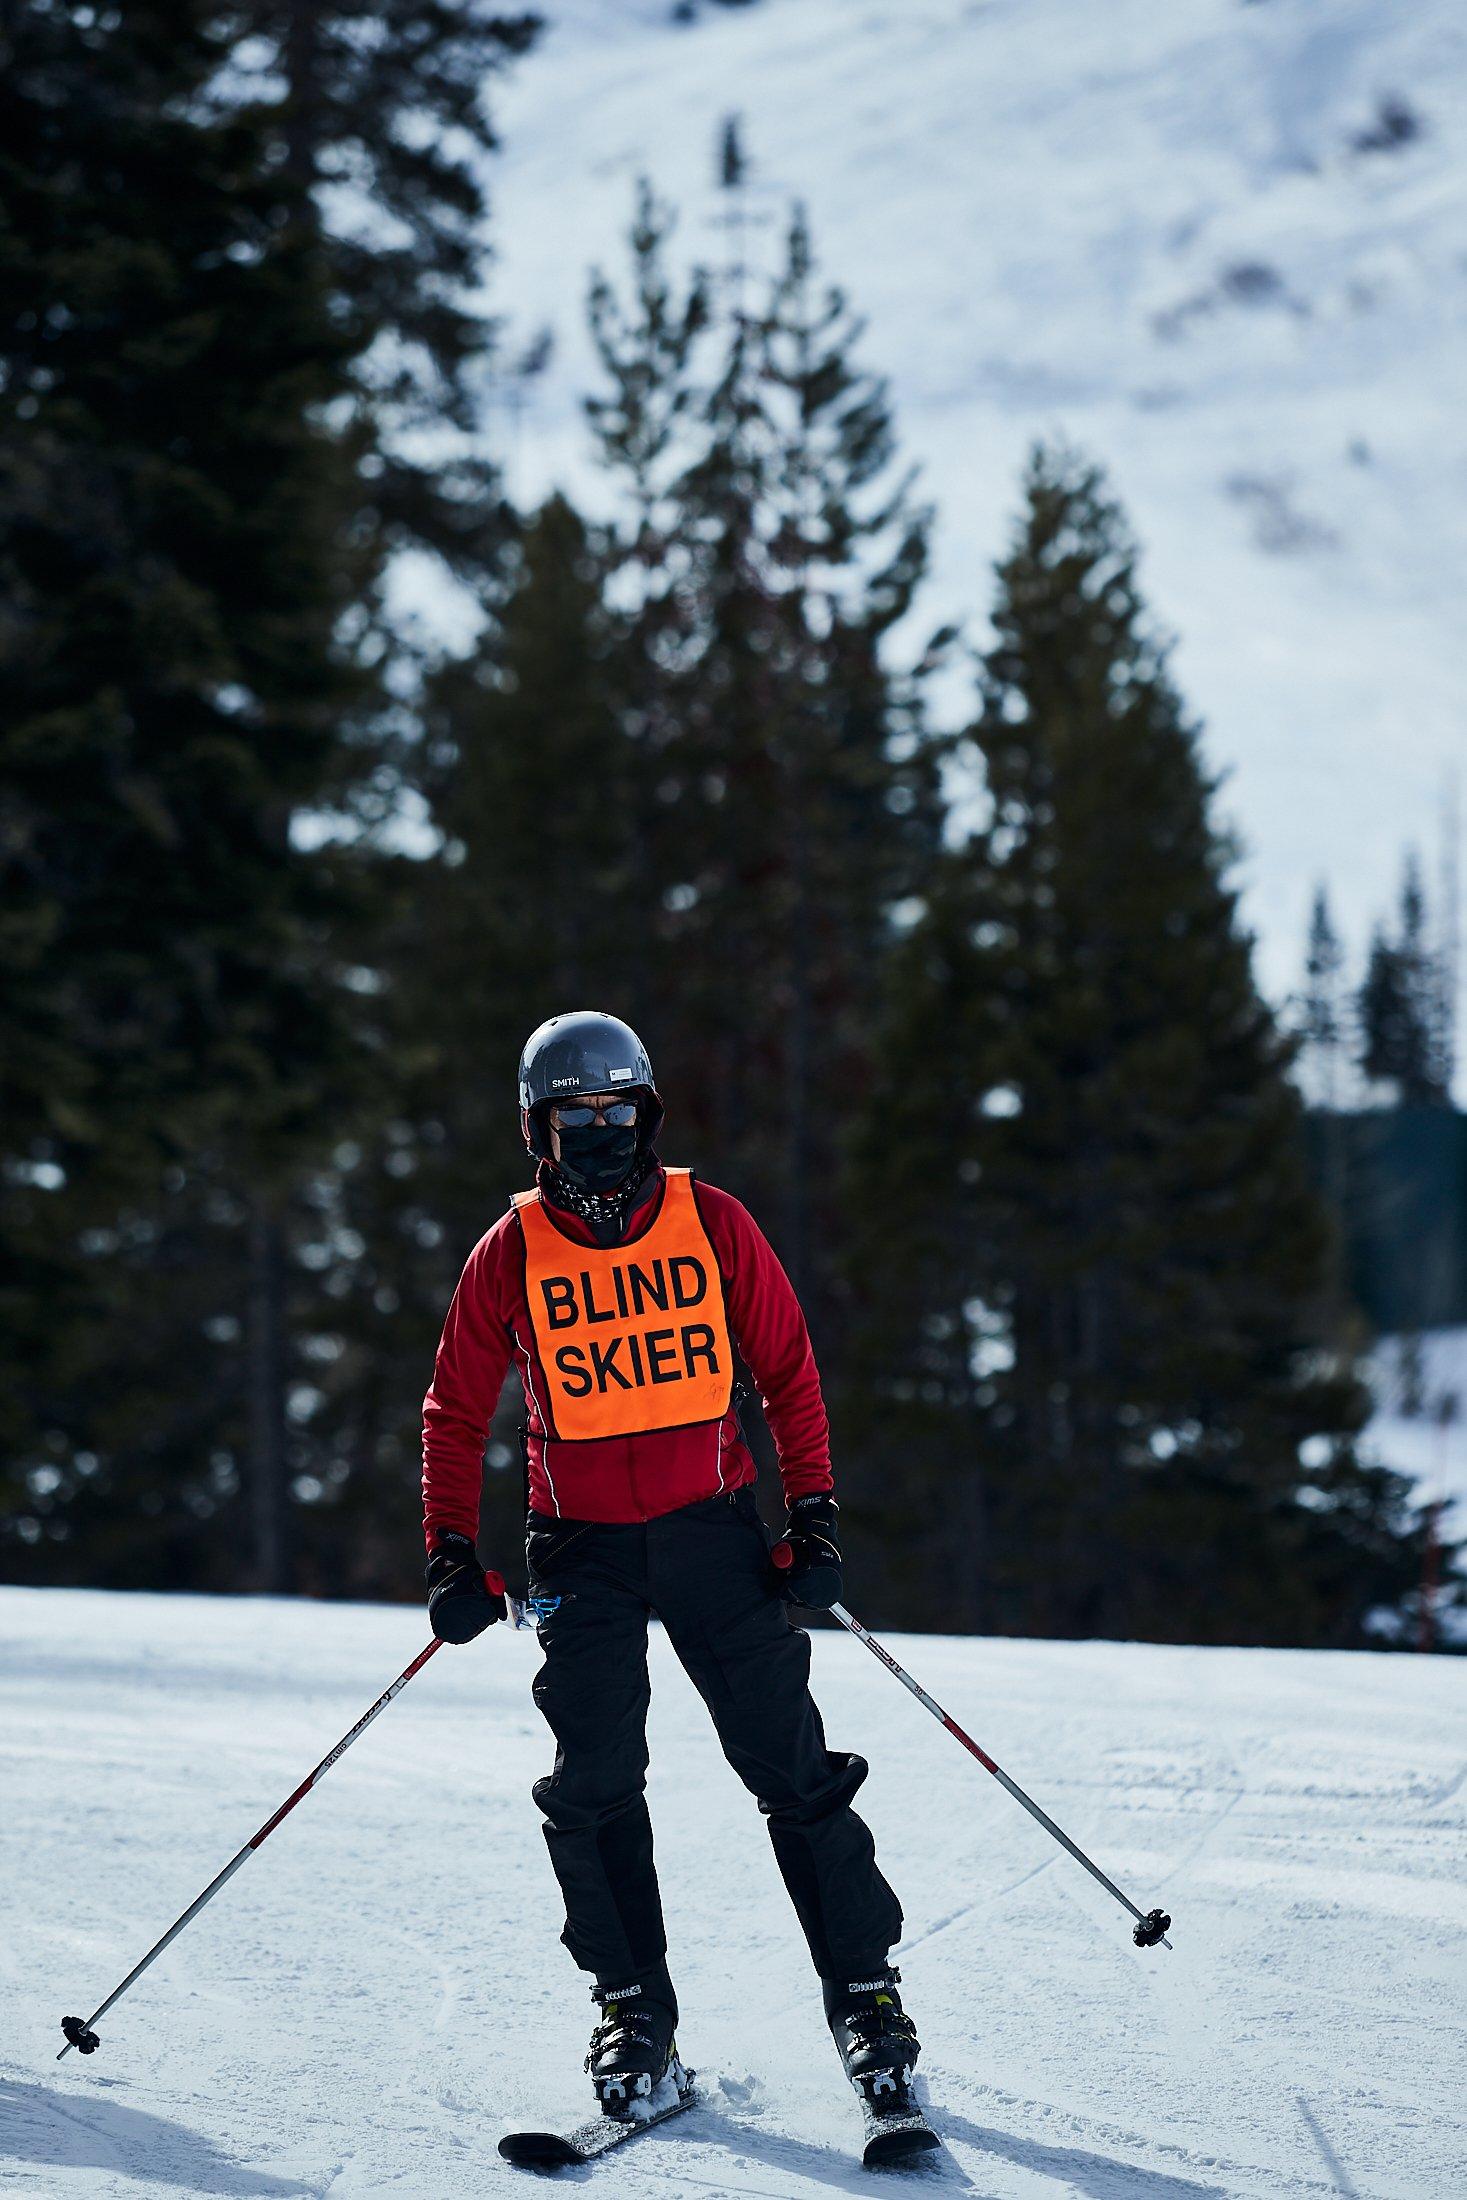 Walt Raineri, wearing a longsleeve red top, black ski pants, and a blind skier vest, skis in Lake Tahoe.